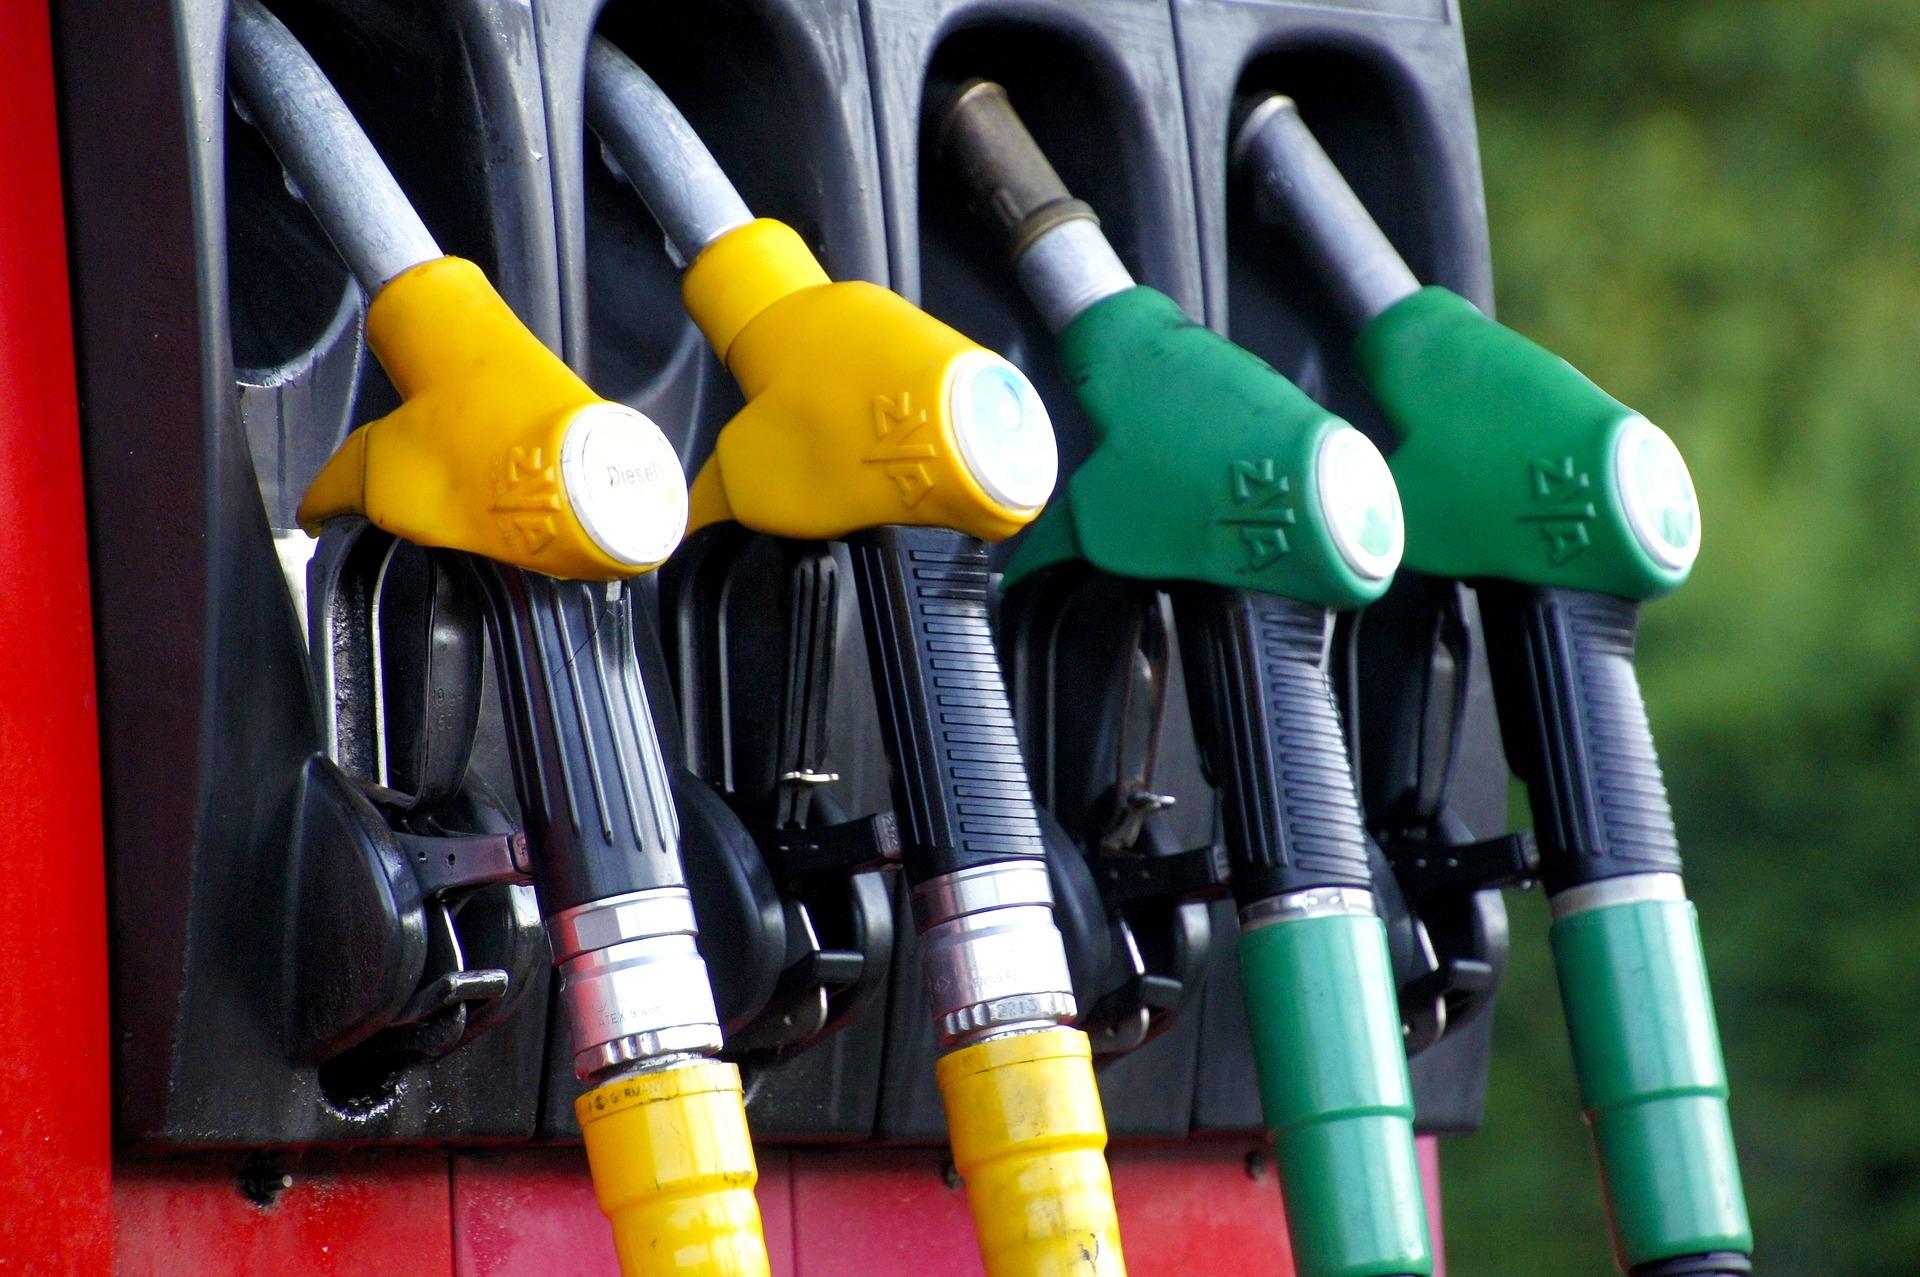 Ammenmärchen Biodiesel – Umweltschmutz durch Umweltschutz auf mond-blog.de